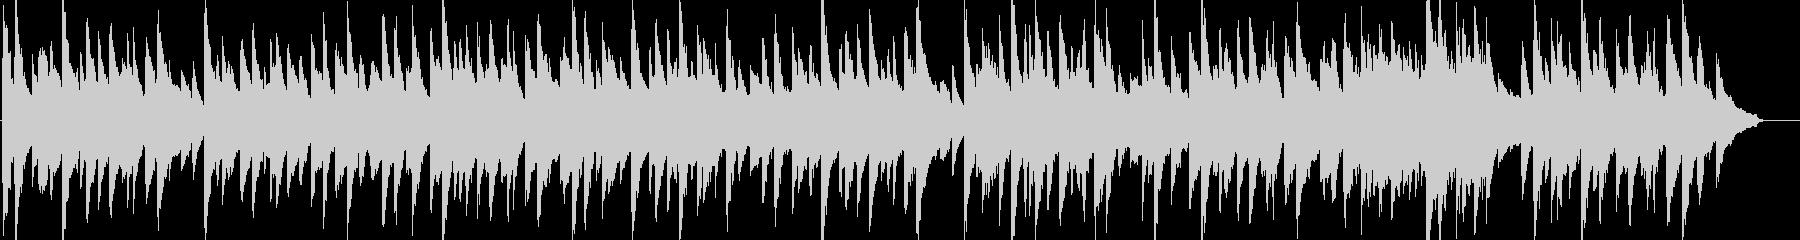 蛍の光・童謡・ピアノ・ストリングスの未再生の波形